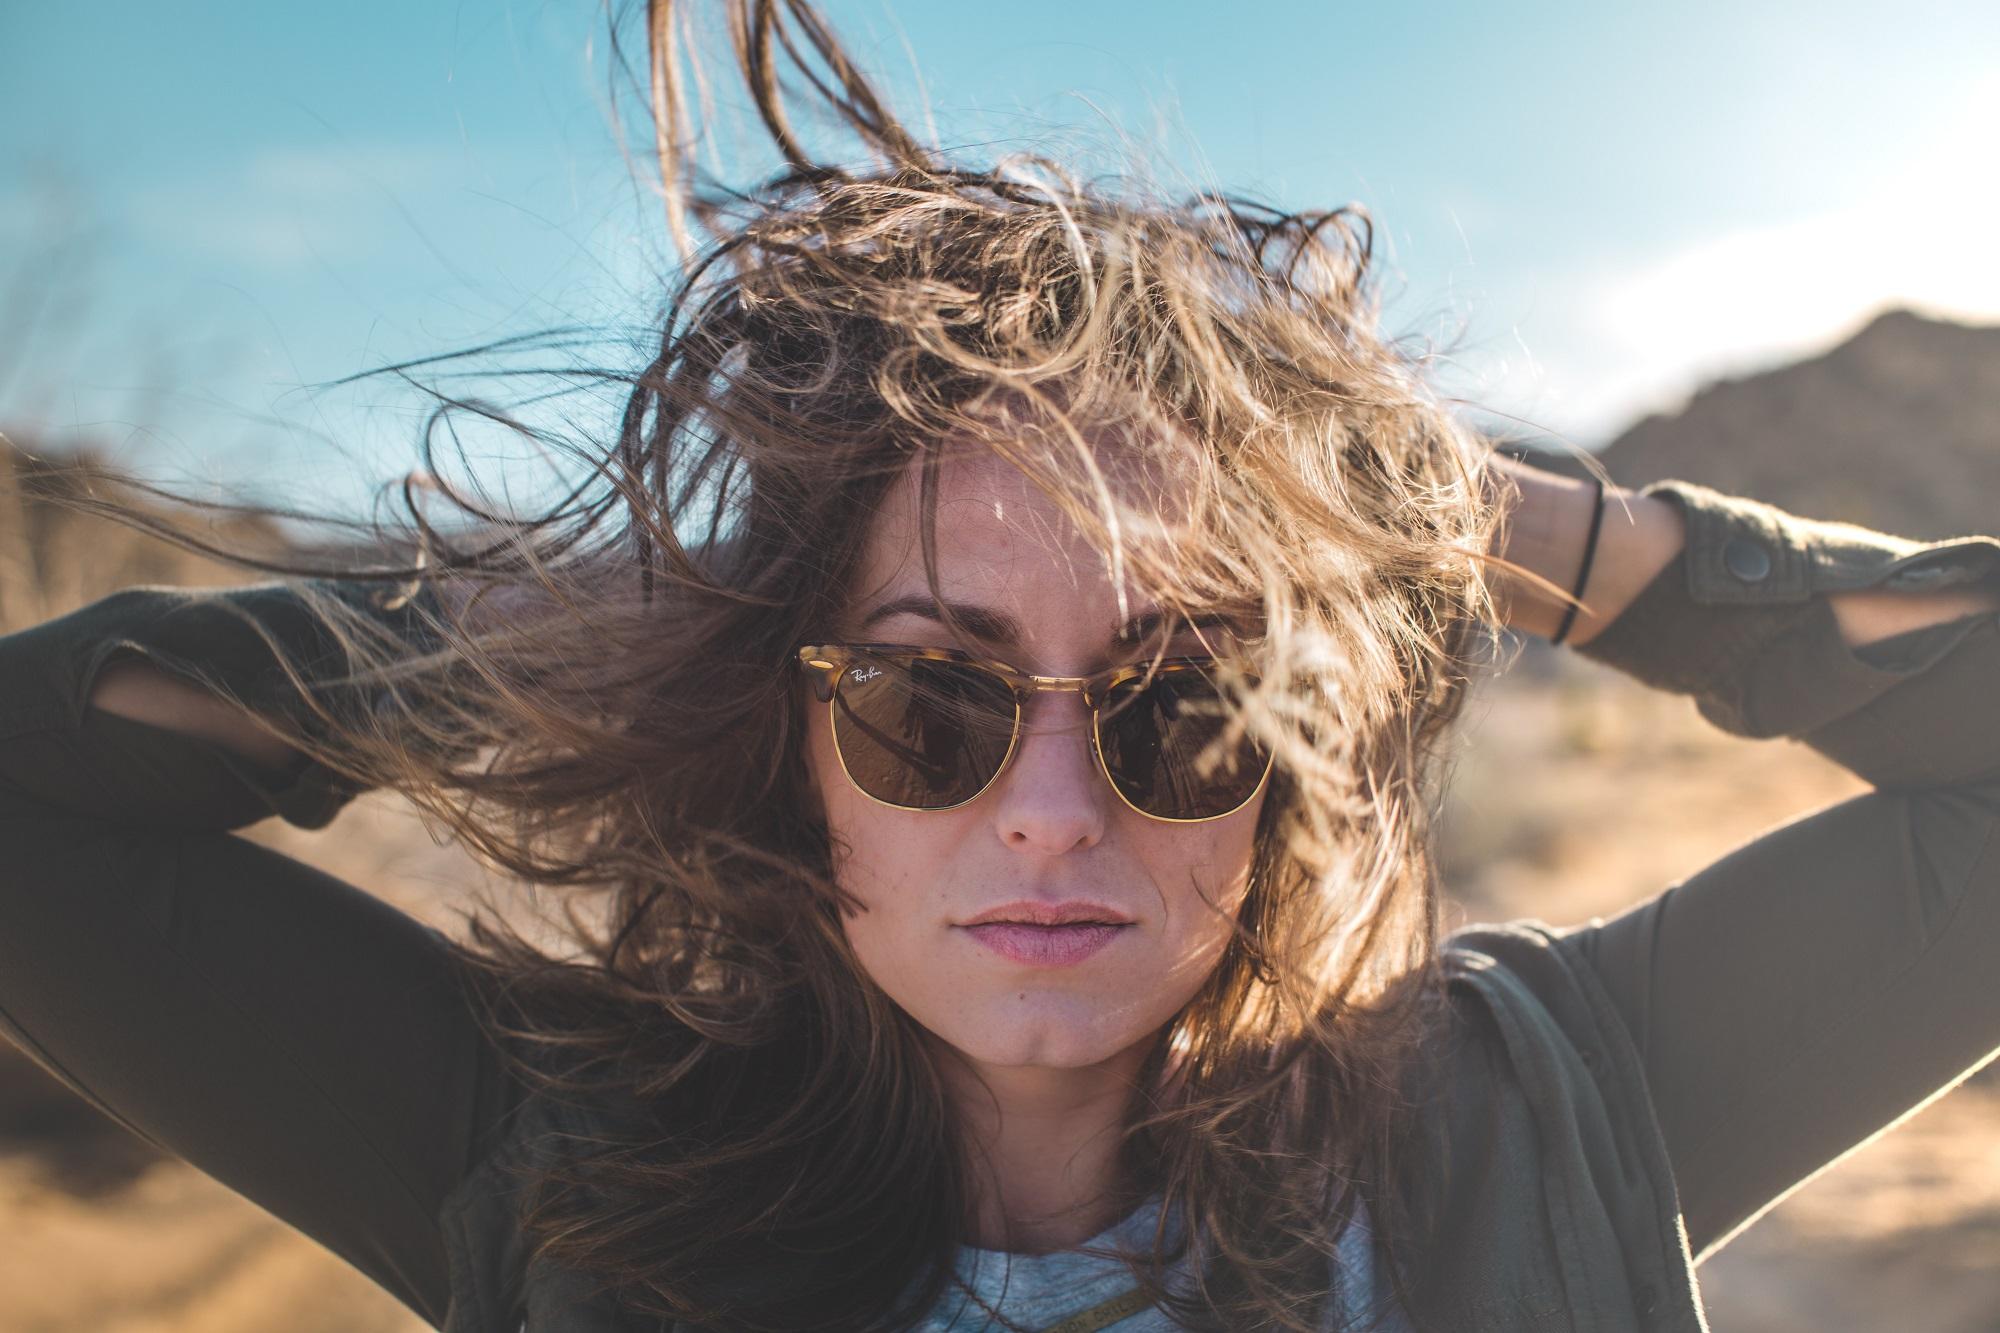 woman raybans windy